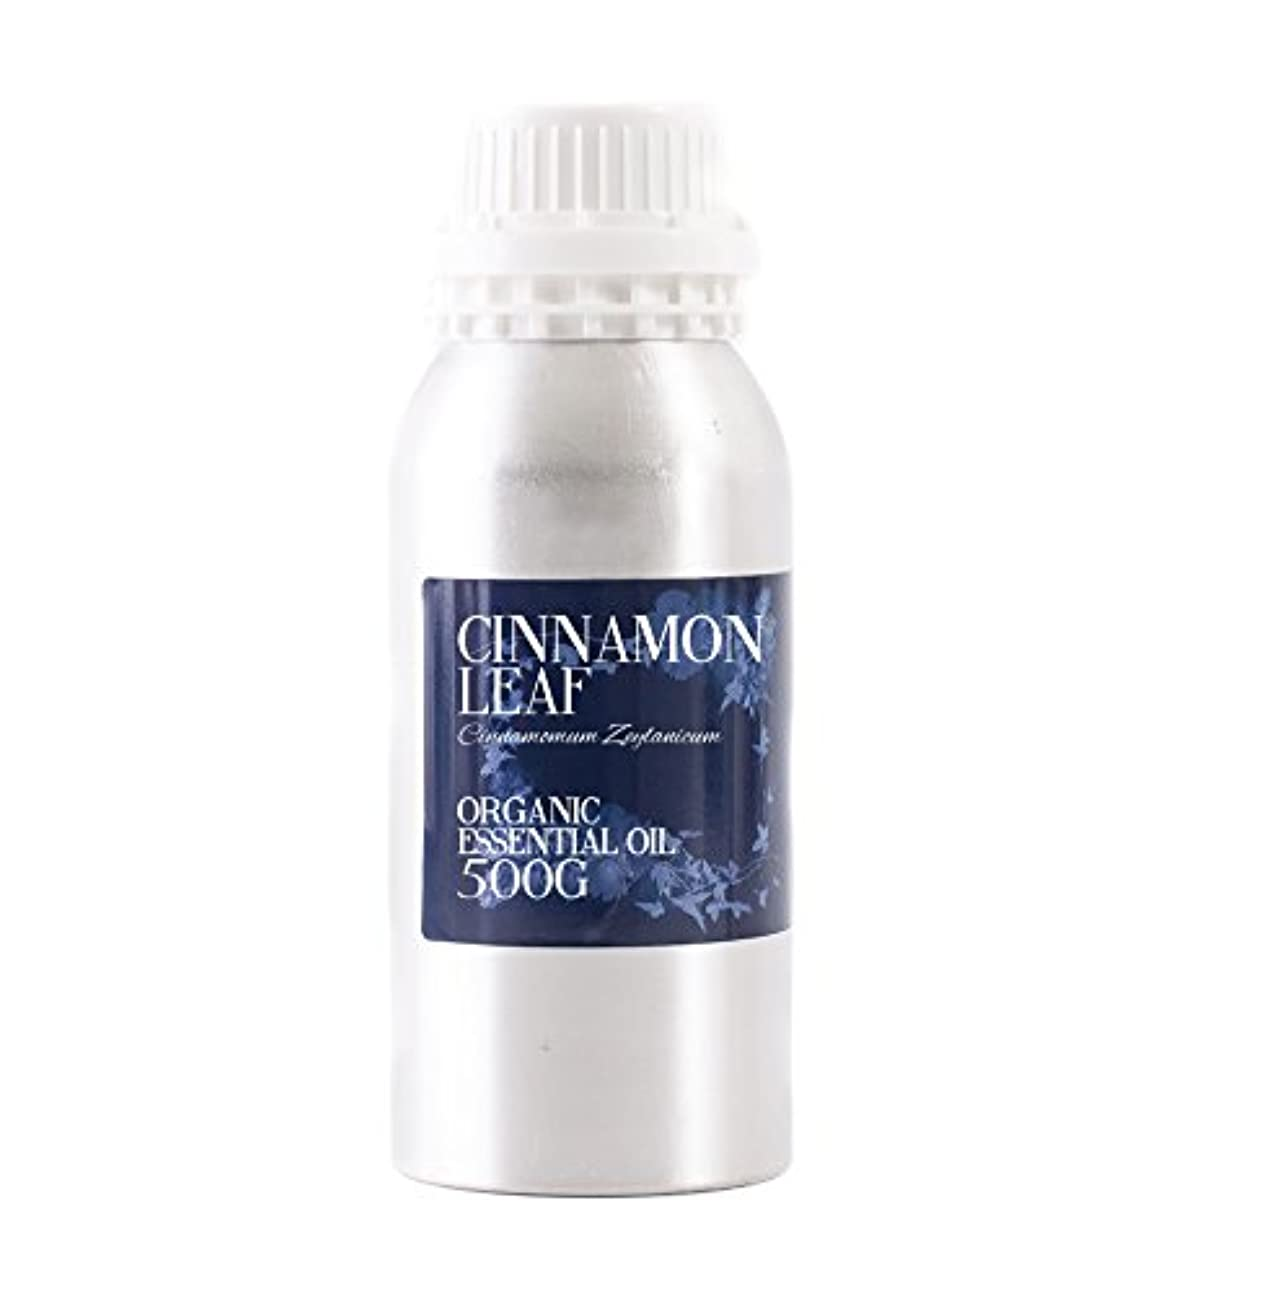 意味のあるに話す経済的Mystic Moments | Cinnamon Leaf Organic Essential Oil - 500g - 100% Pure